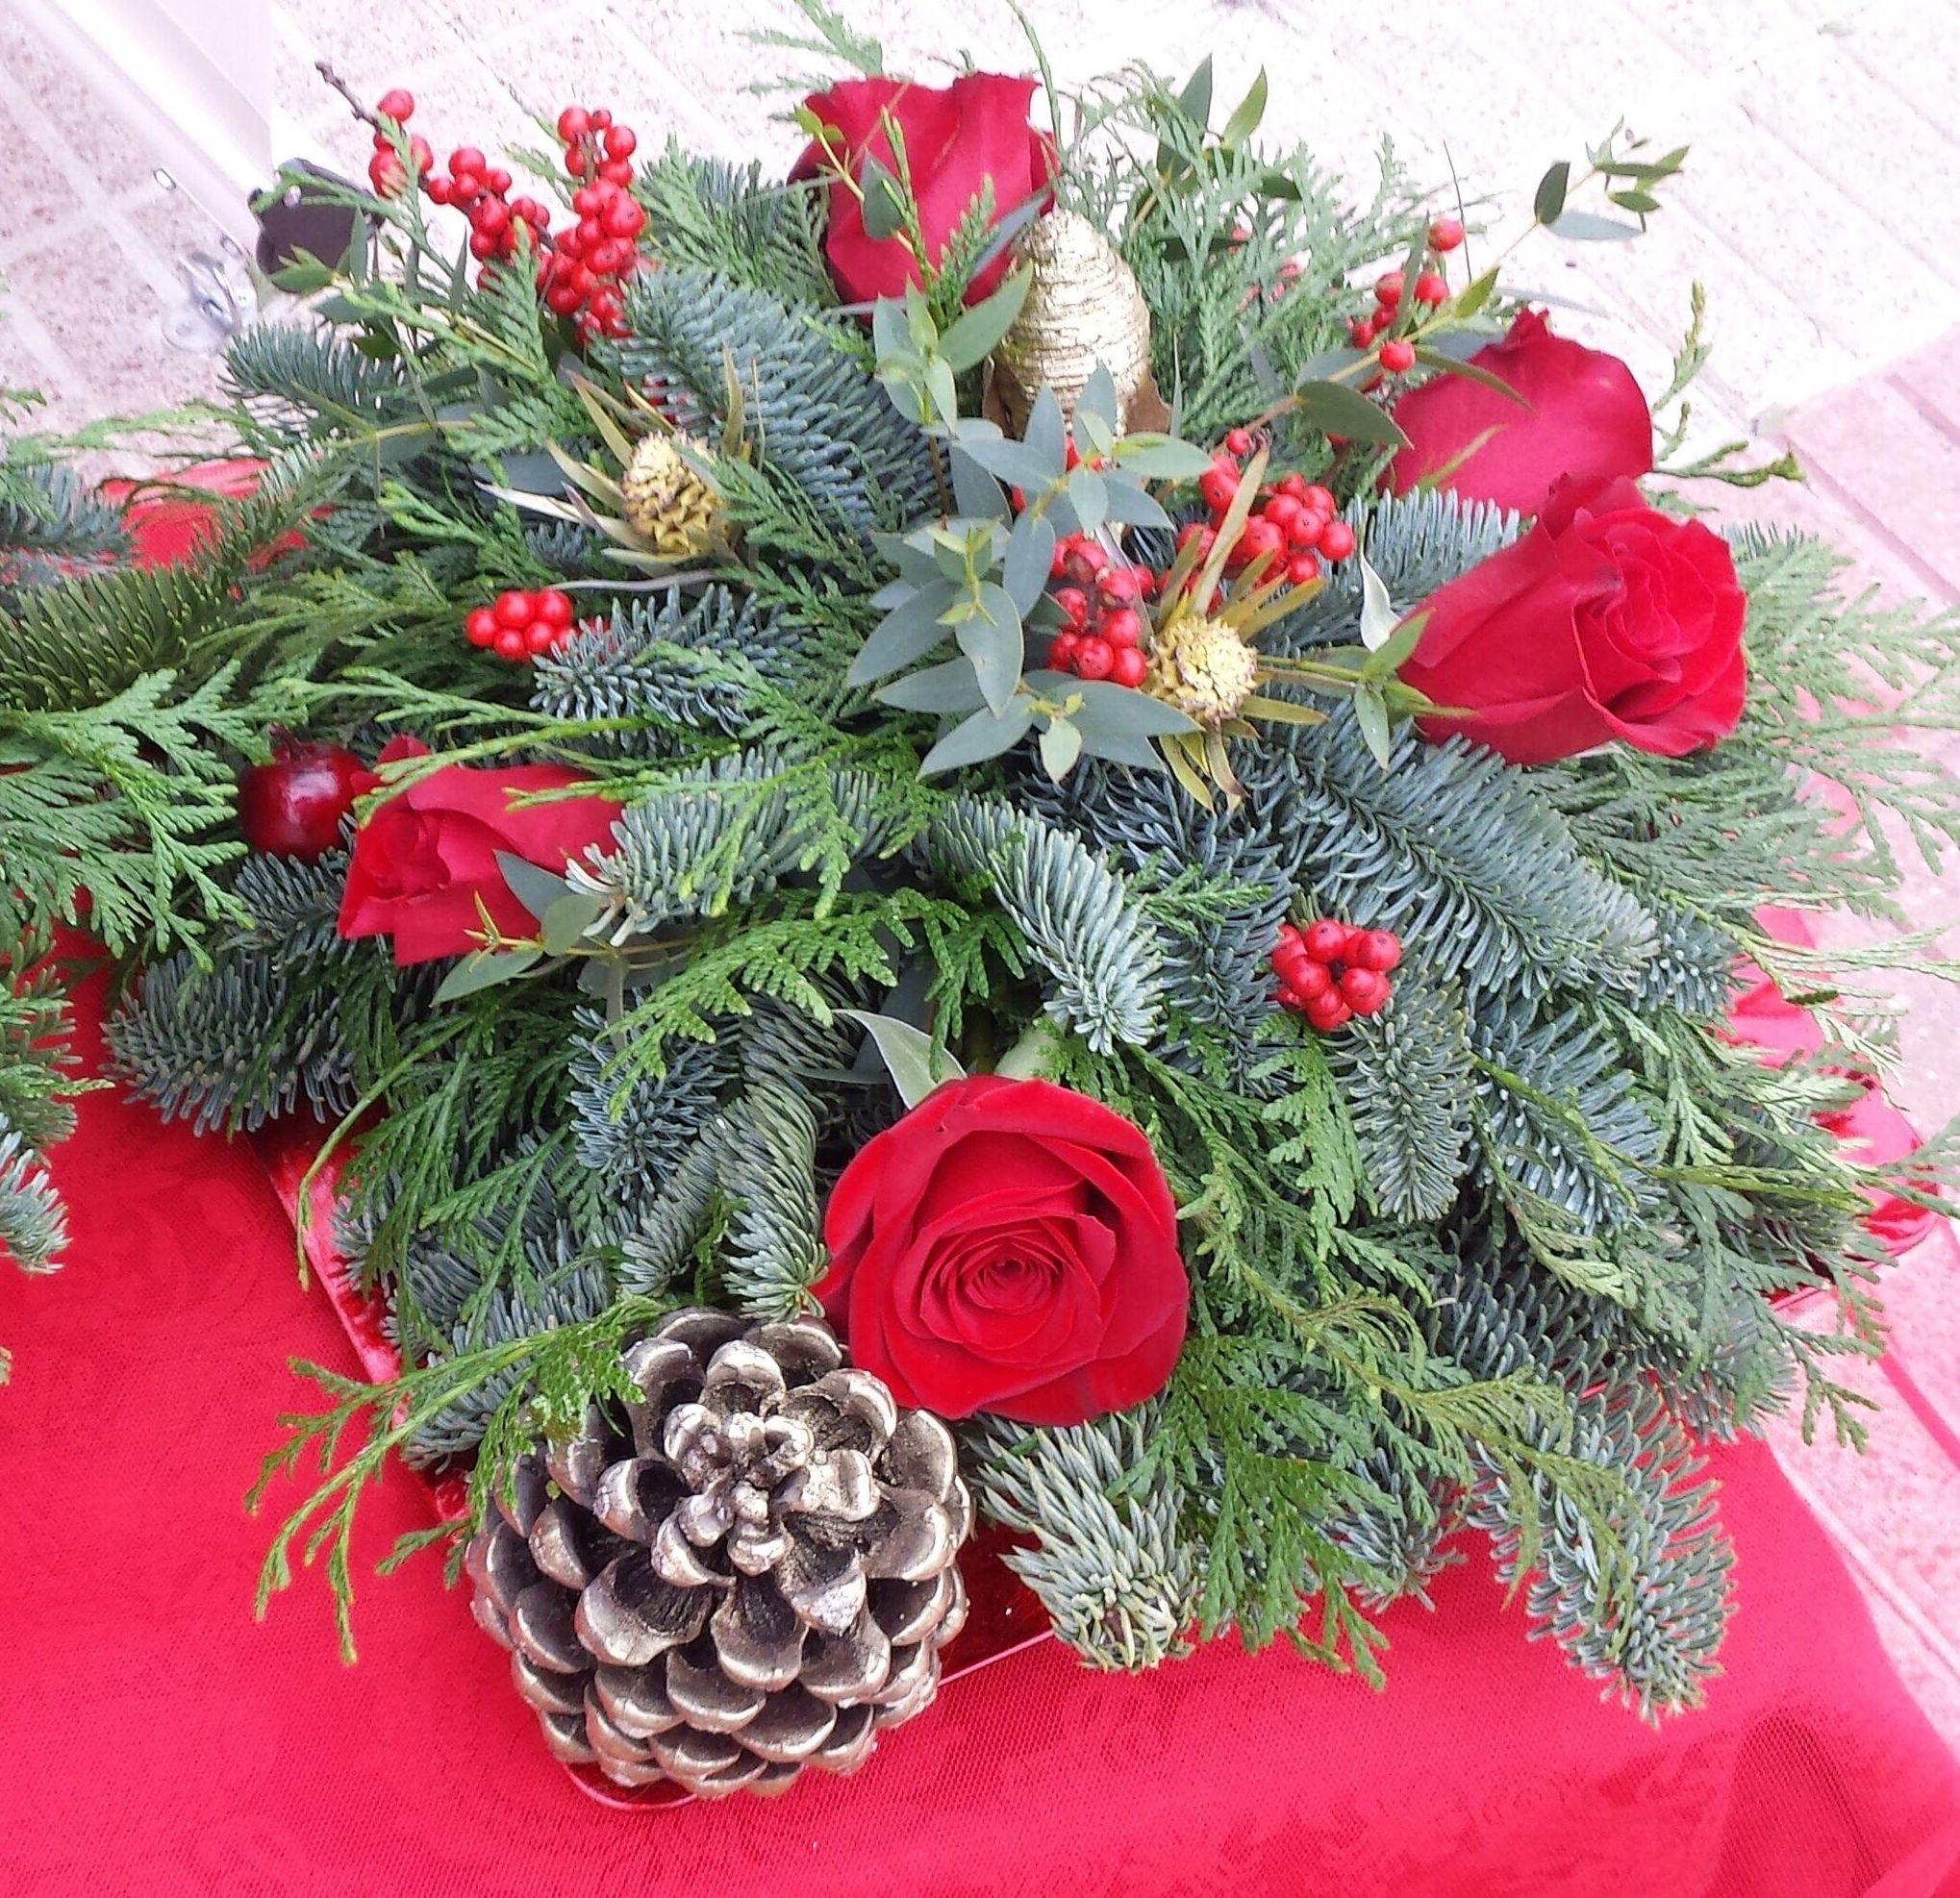 Adornos florales para navidad en Las Tablas